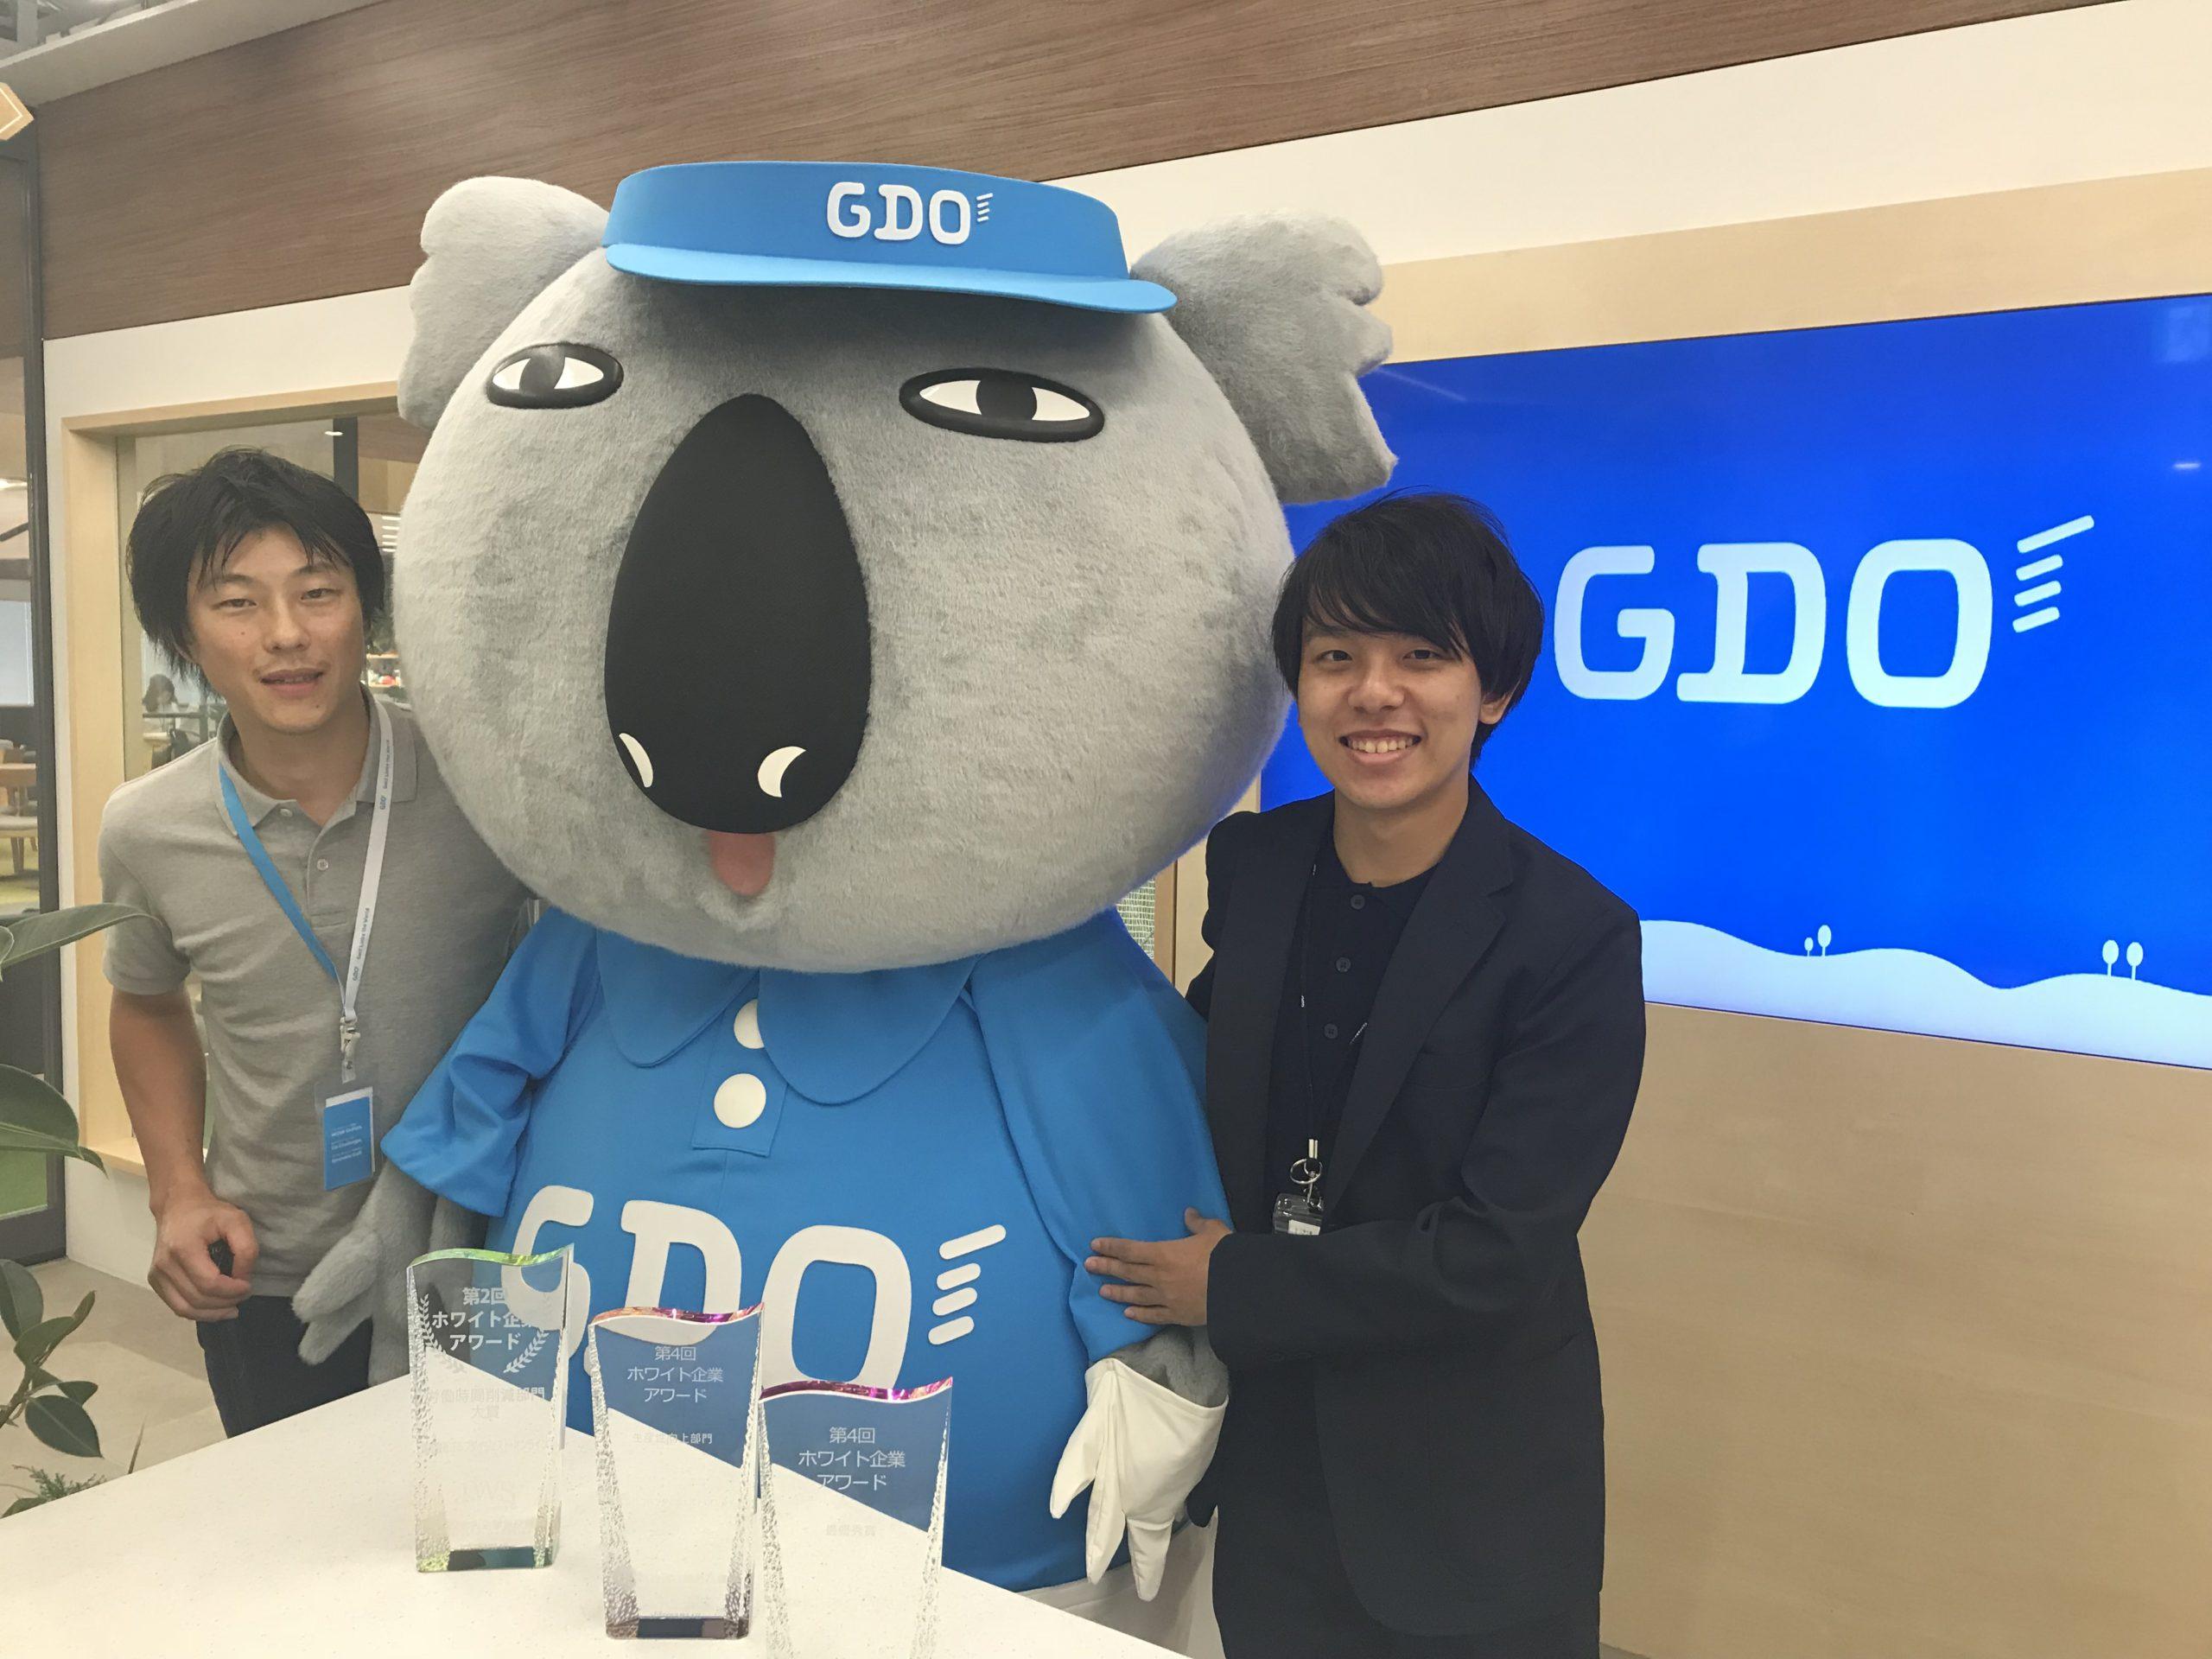 株式会社ゴルフダイジェスト・オンライン